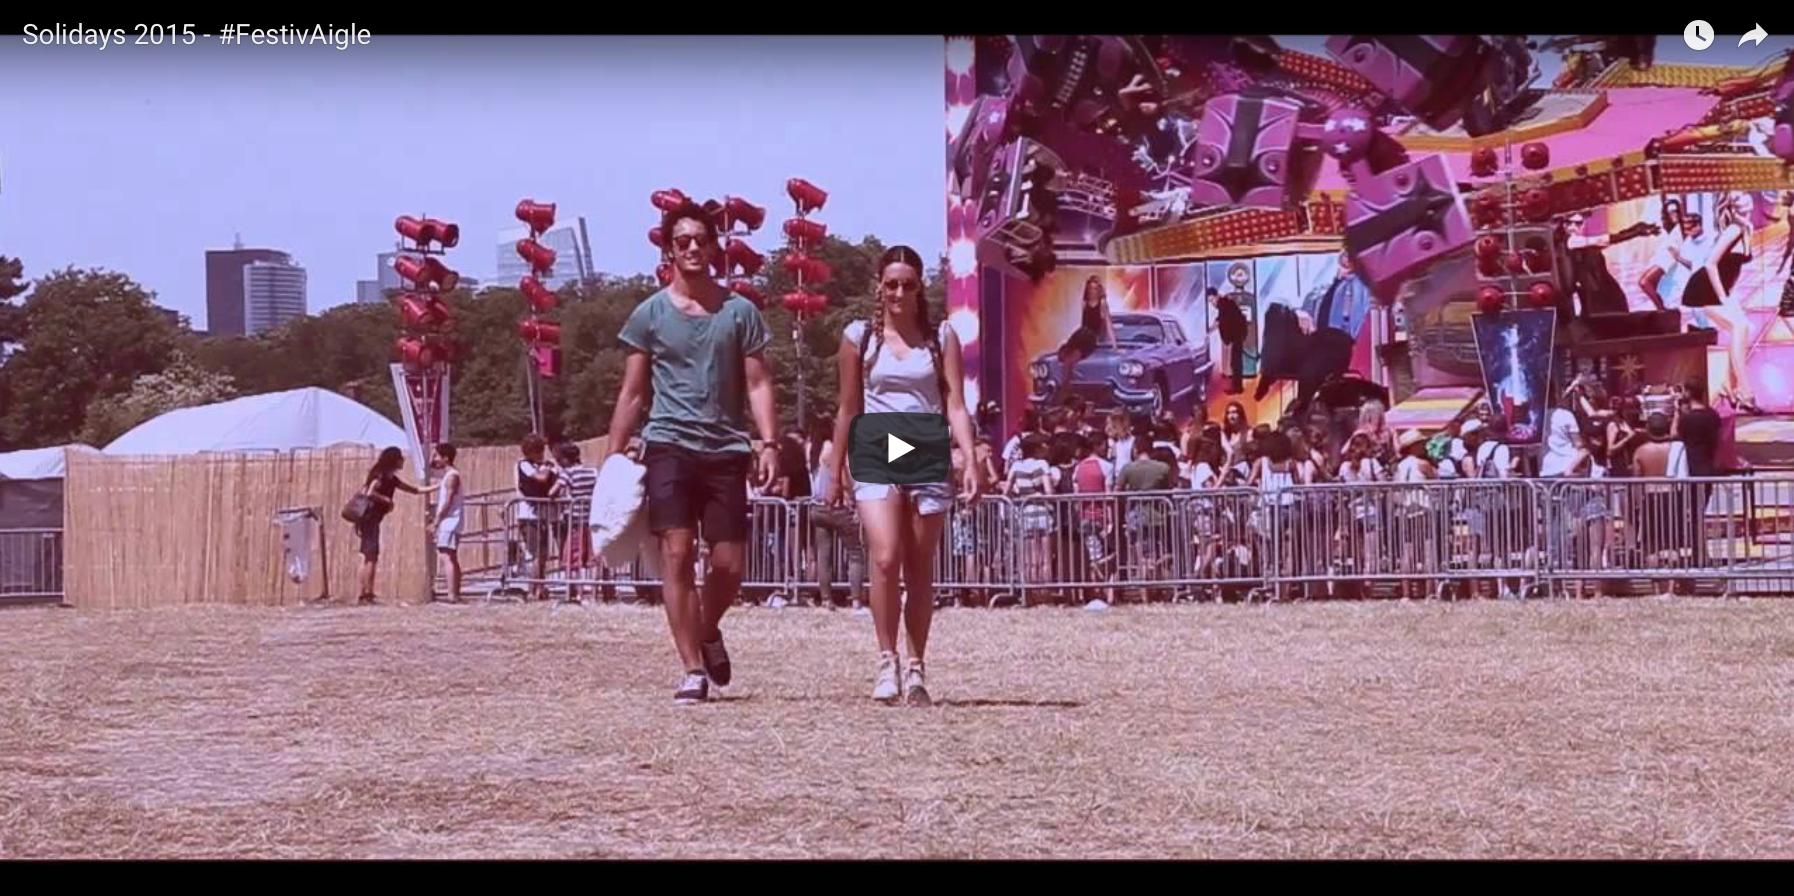 Mon #FestivAigle (video)